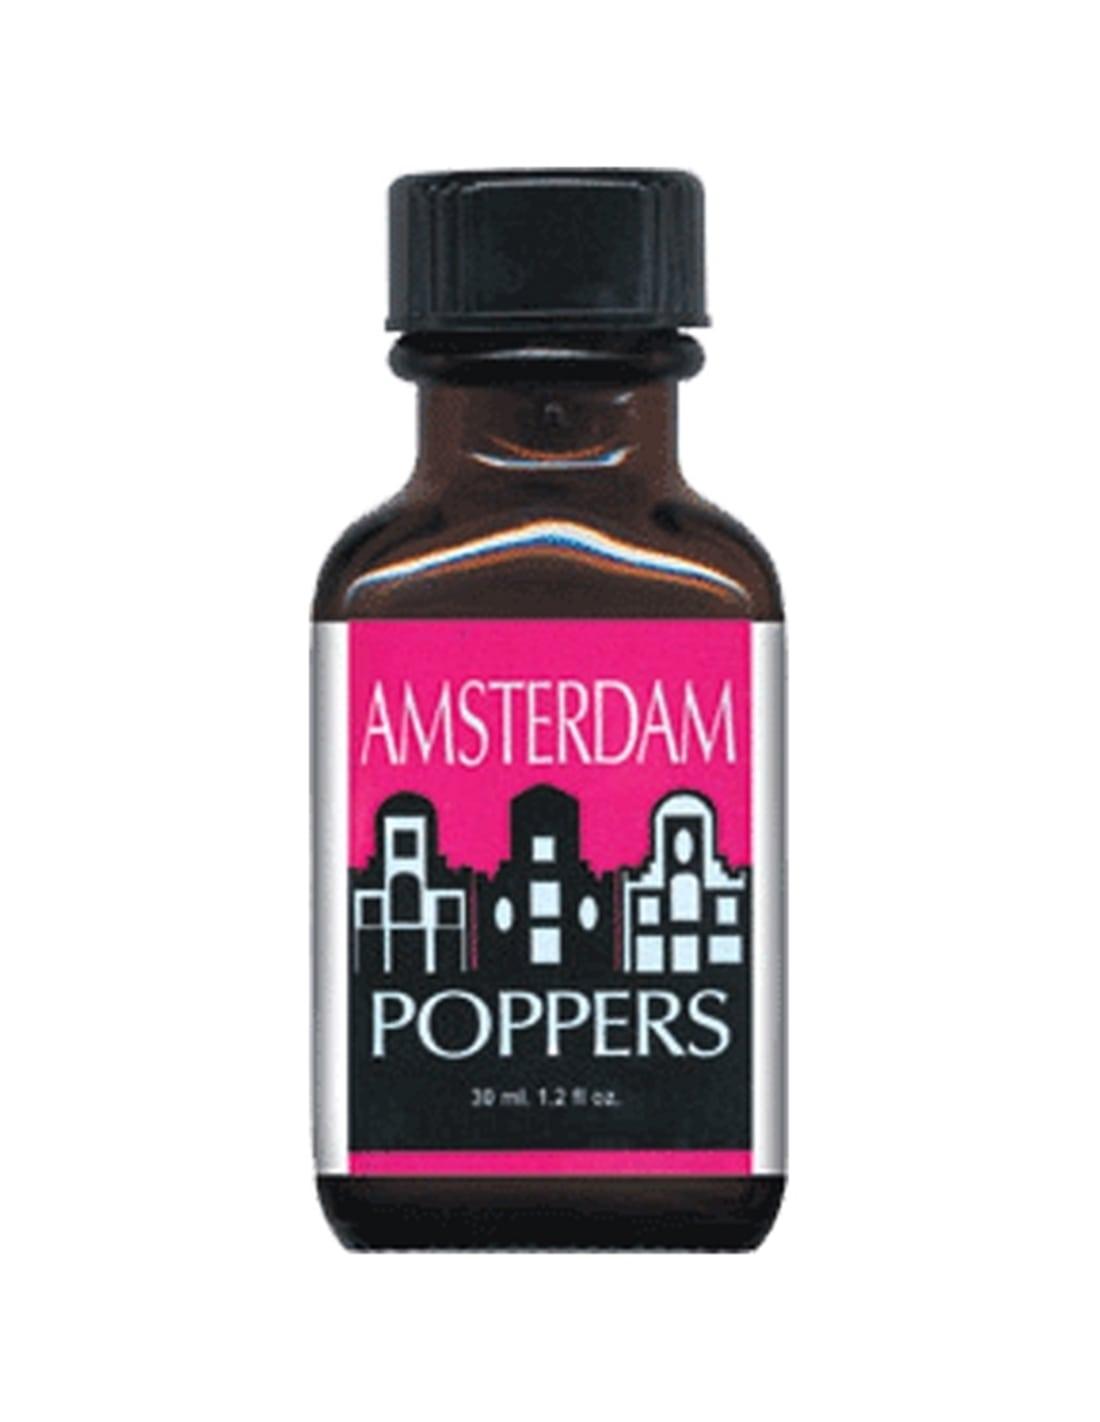 PR2010319157 - Amsterdam Poppers 24ml-PR2010319157